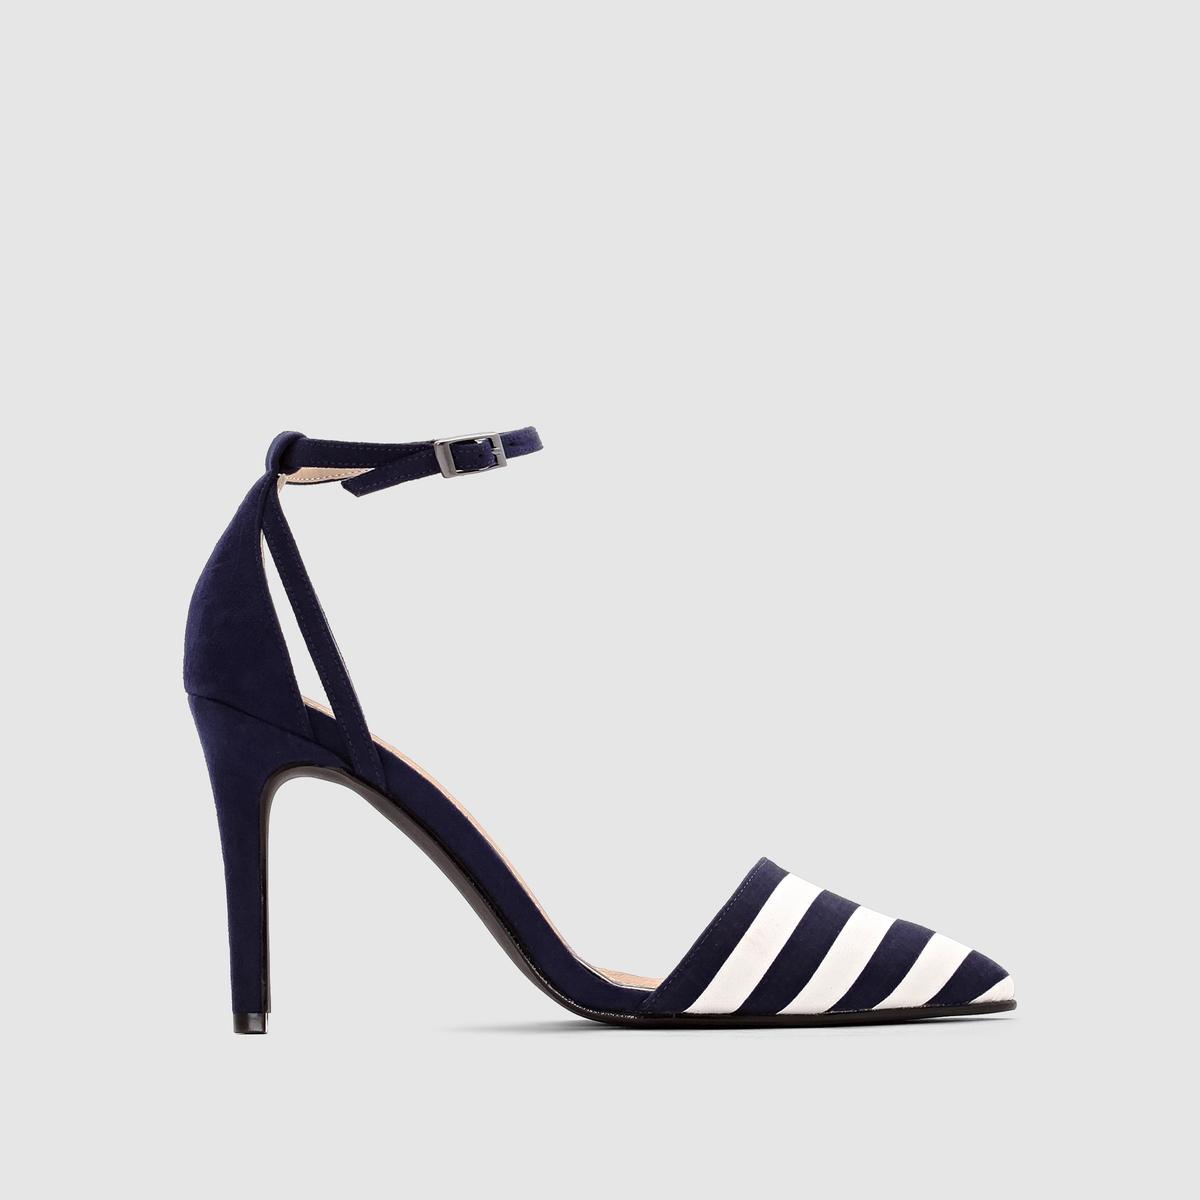 Туфли на высоком каблукеВерх : текстиль и синтетика      Подкладка : синтетика   Стелька : кожа   Подошва : из эластомера   Высота каблука : 10 см Преимущества : Туфли на высоком каблуке, элегантность в каждой детали.<br><br>Цвет: белый/черный в полоску<br>Размер: 41